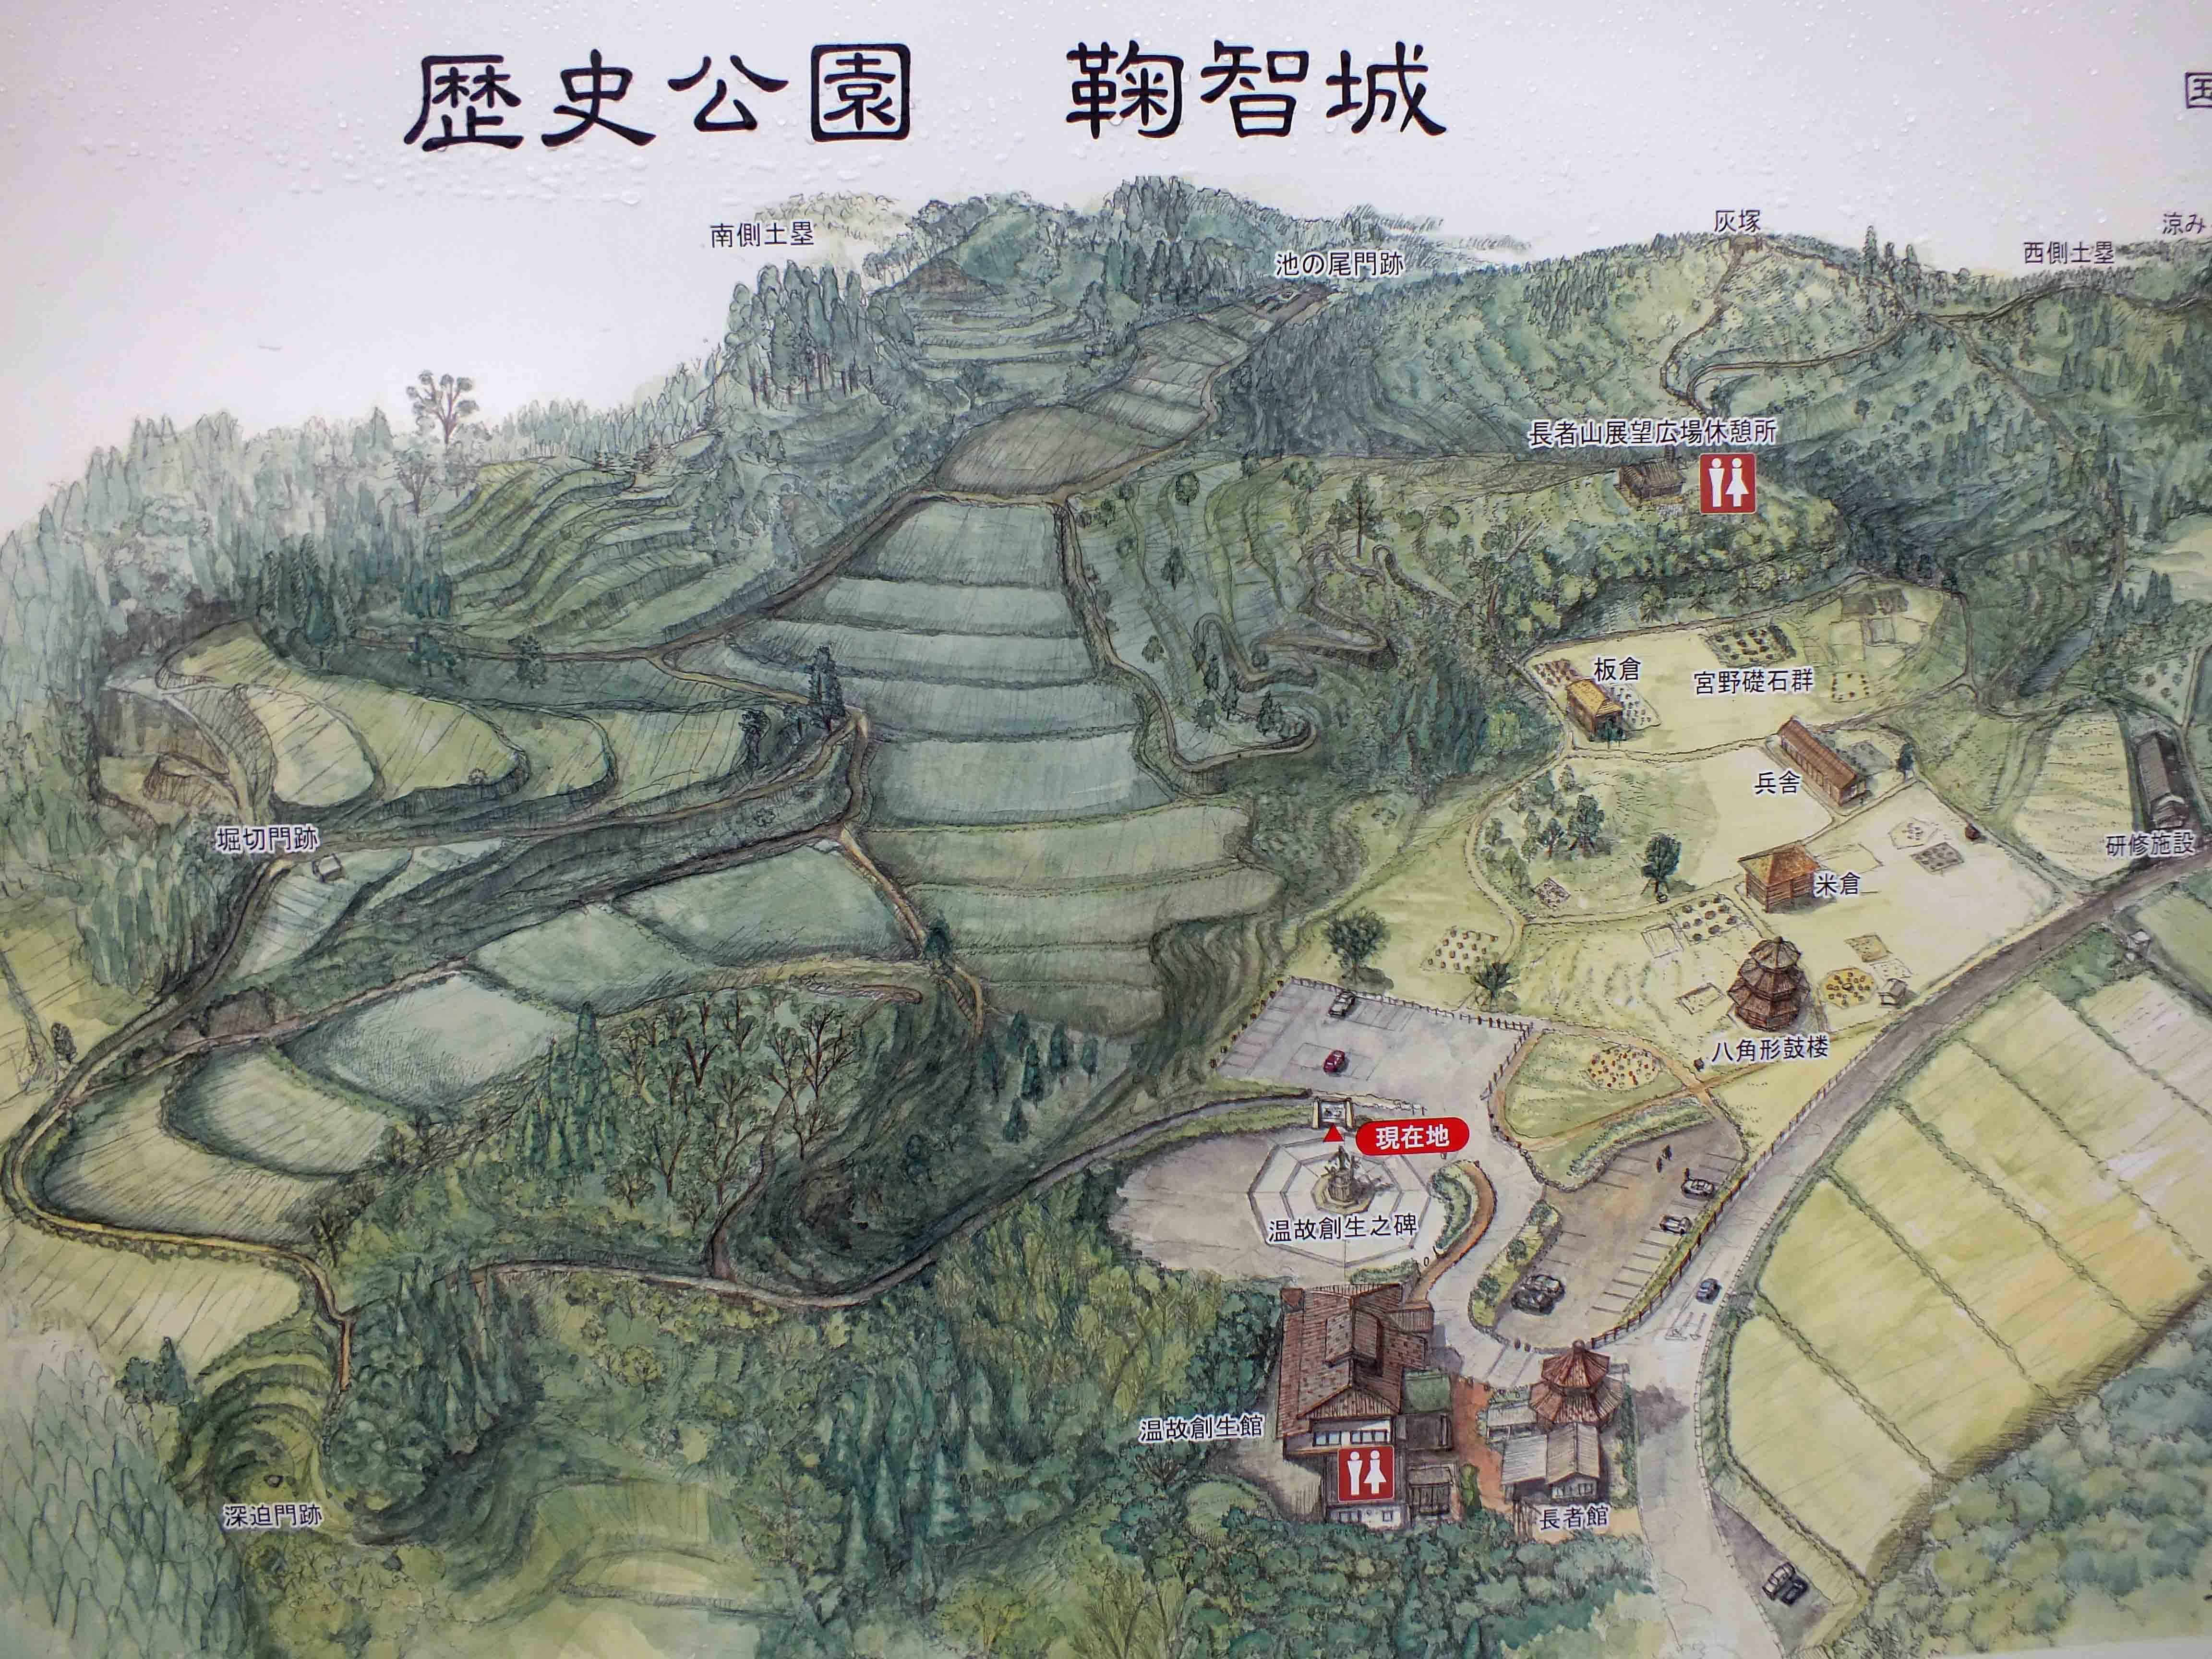 菊地史跡公園図